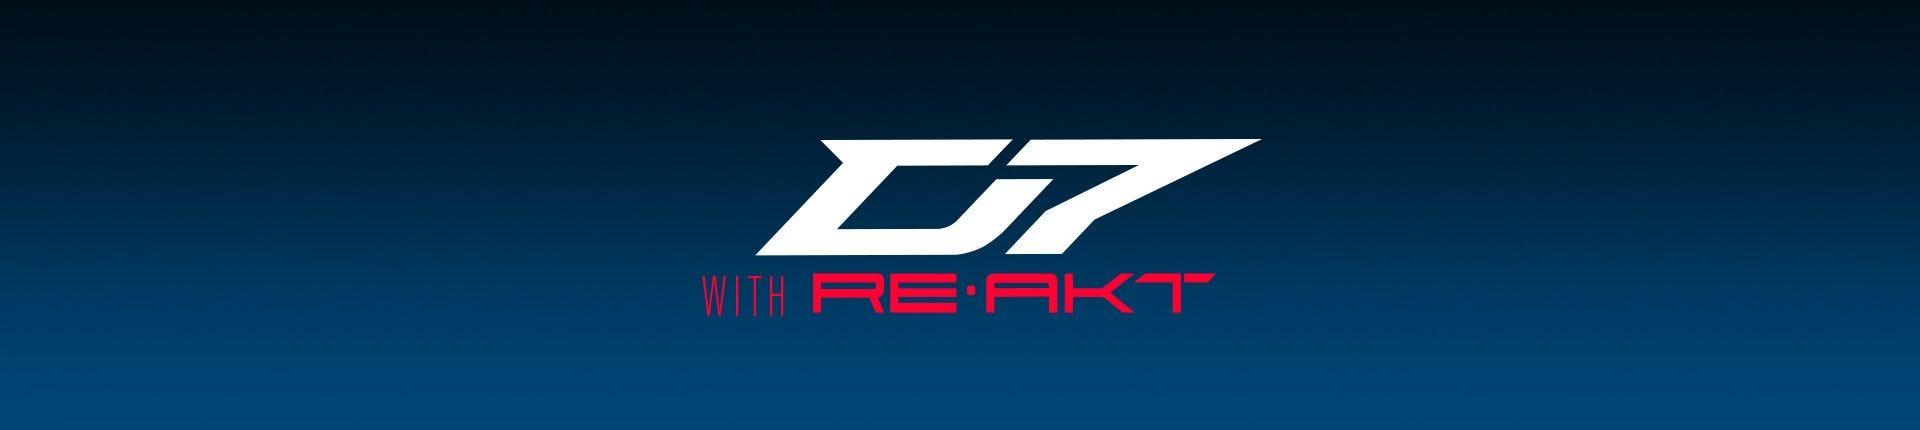 Gráfico del logotipo D7 en rojo sobre fondo azul